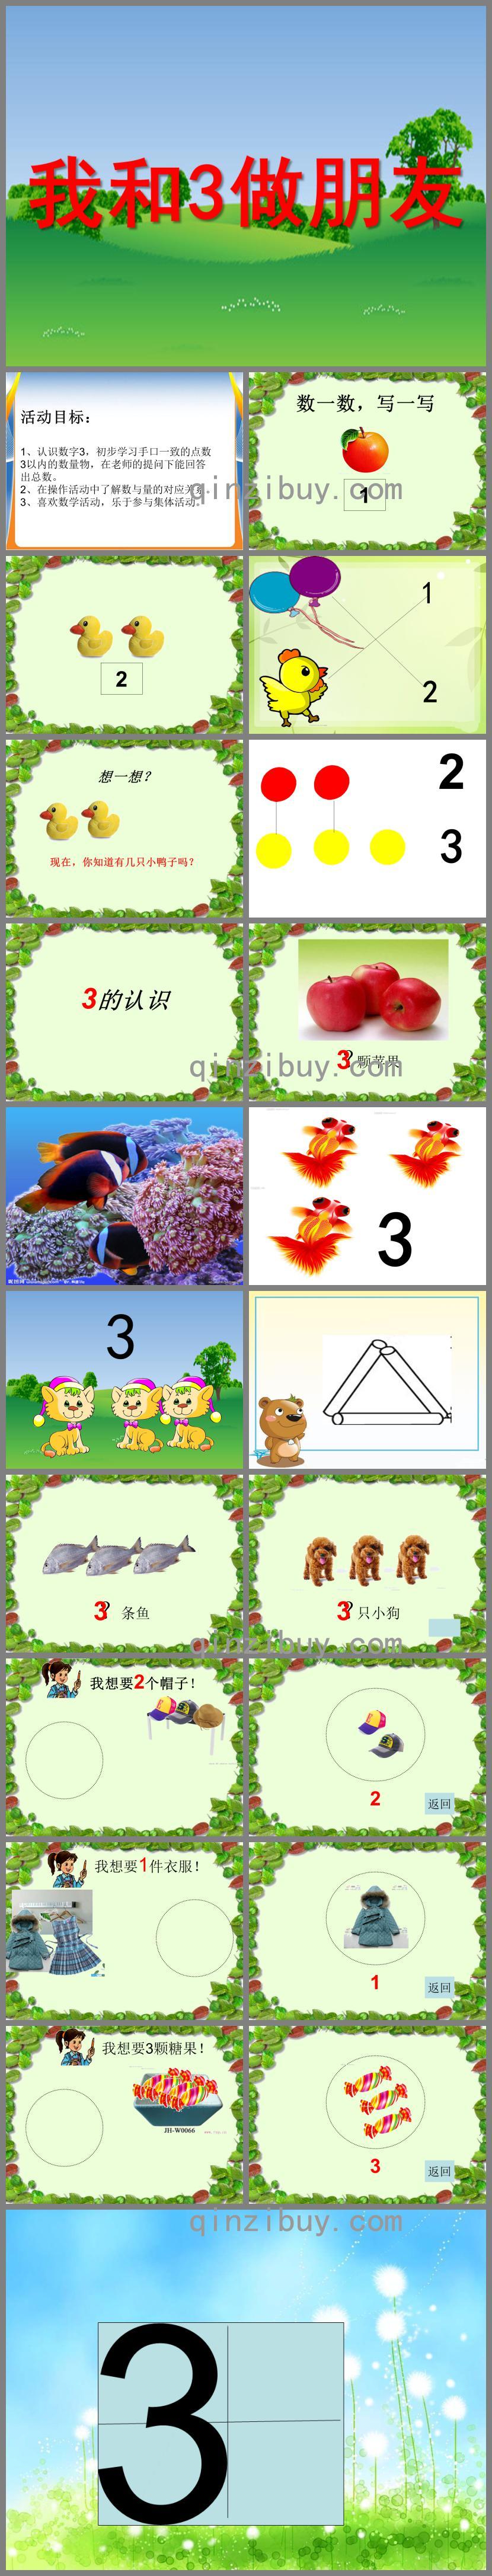 幼儿园认识数字3PPT课件